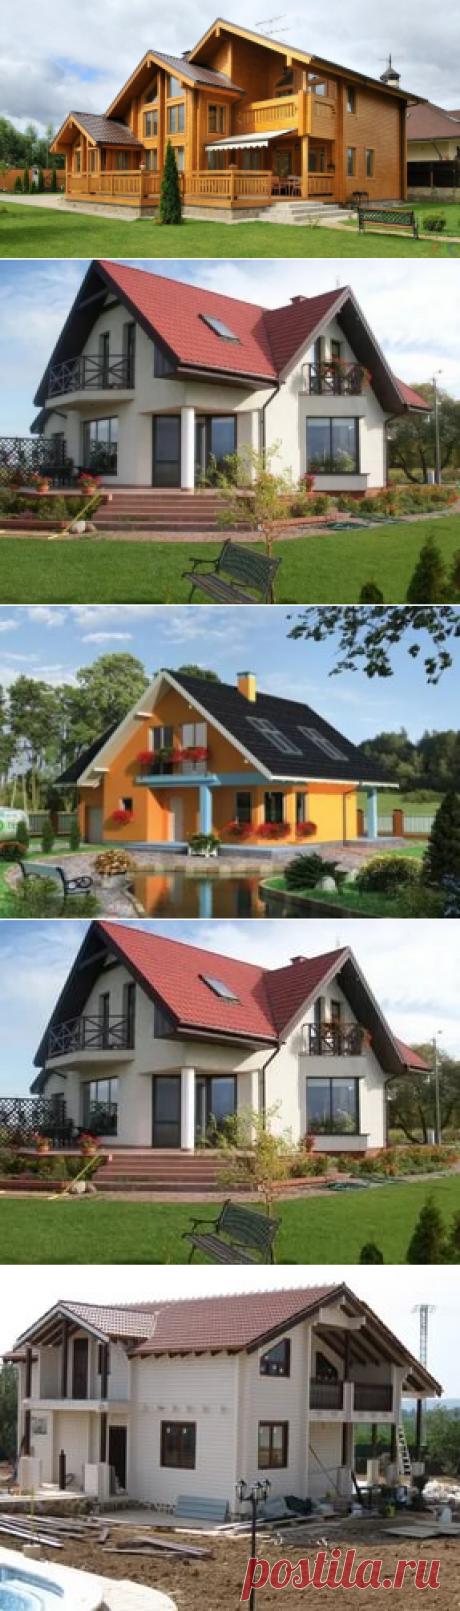 дома построить: 23 тыс изображений найдено в Яндекс.Картинках